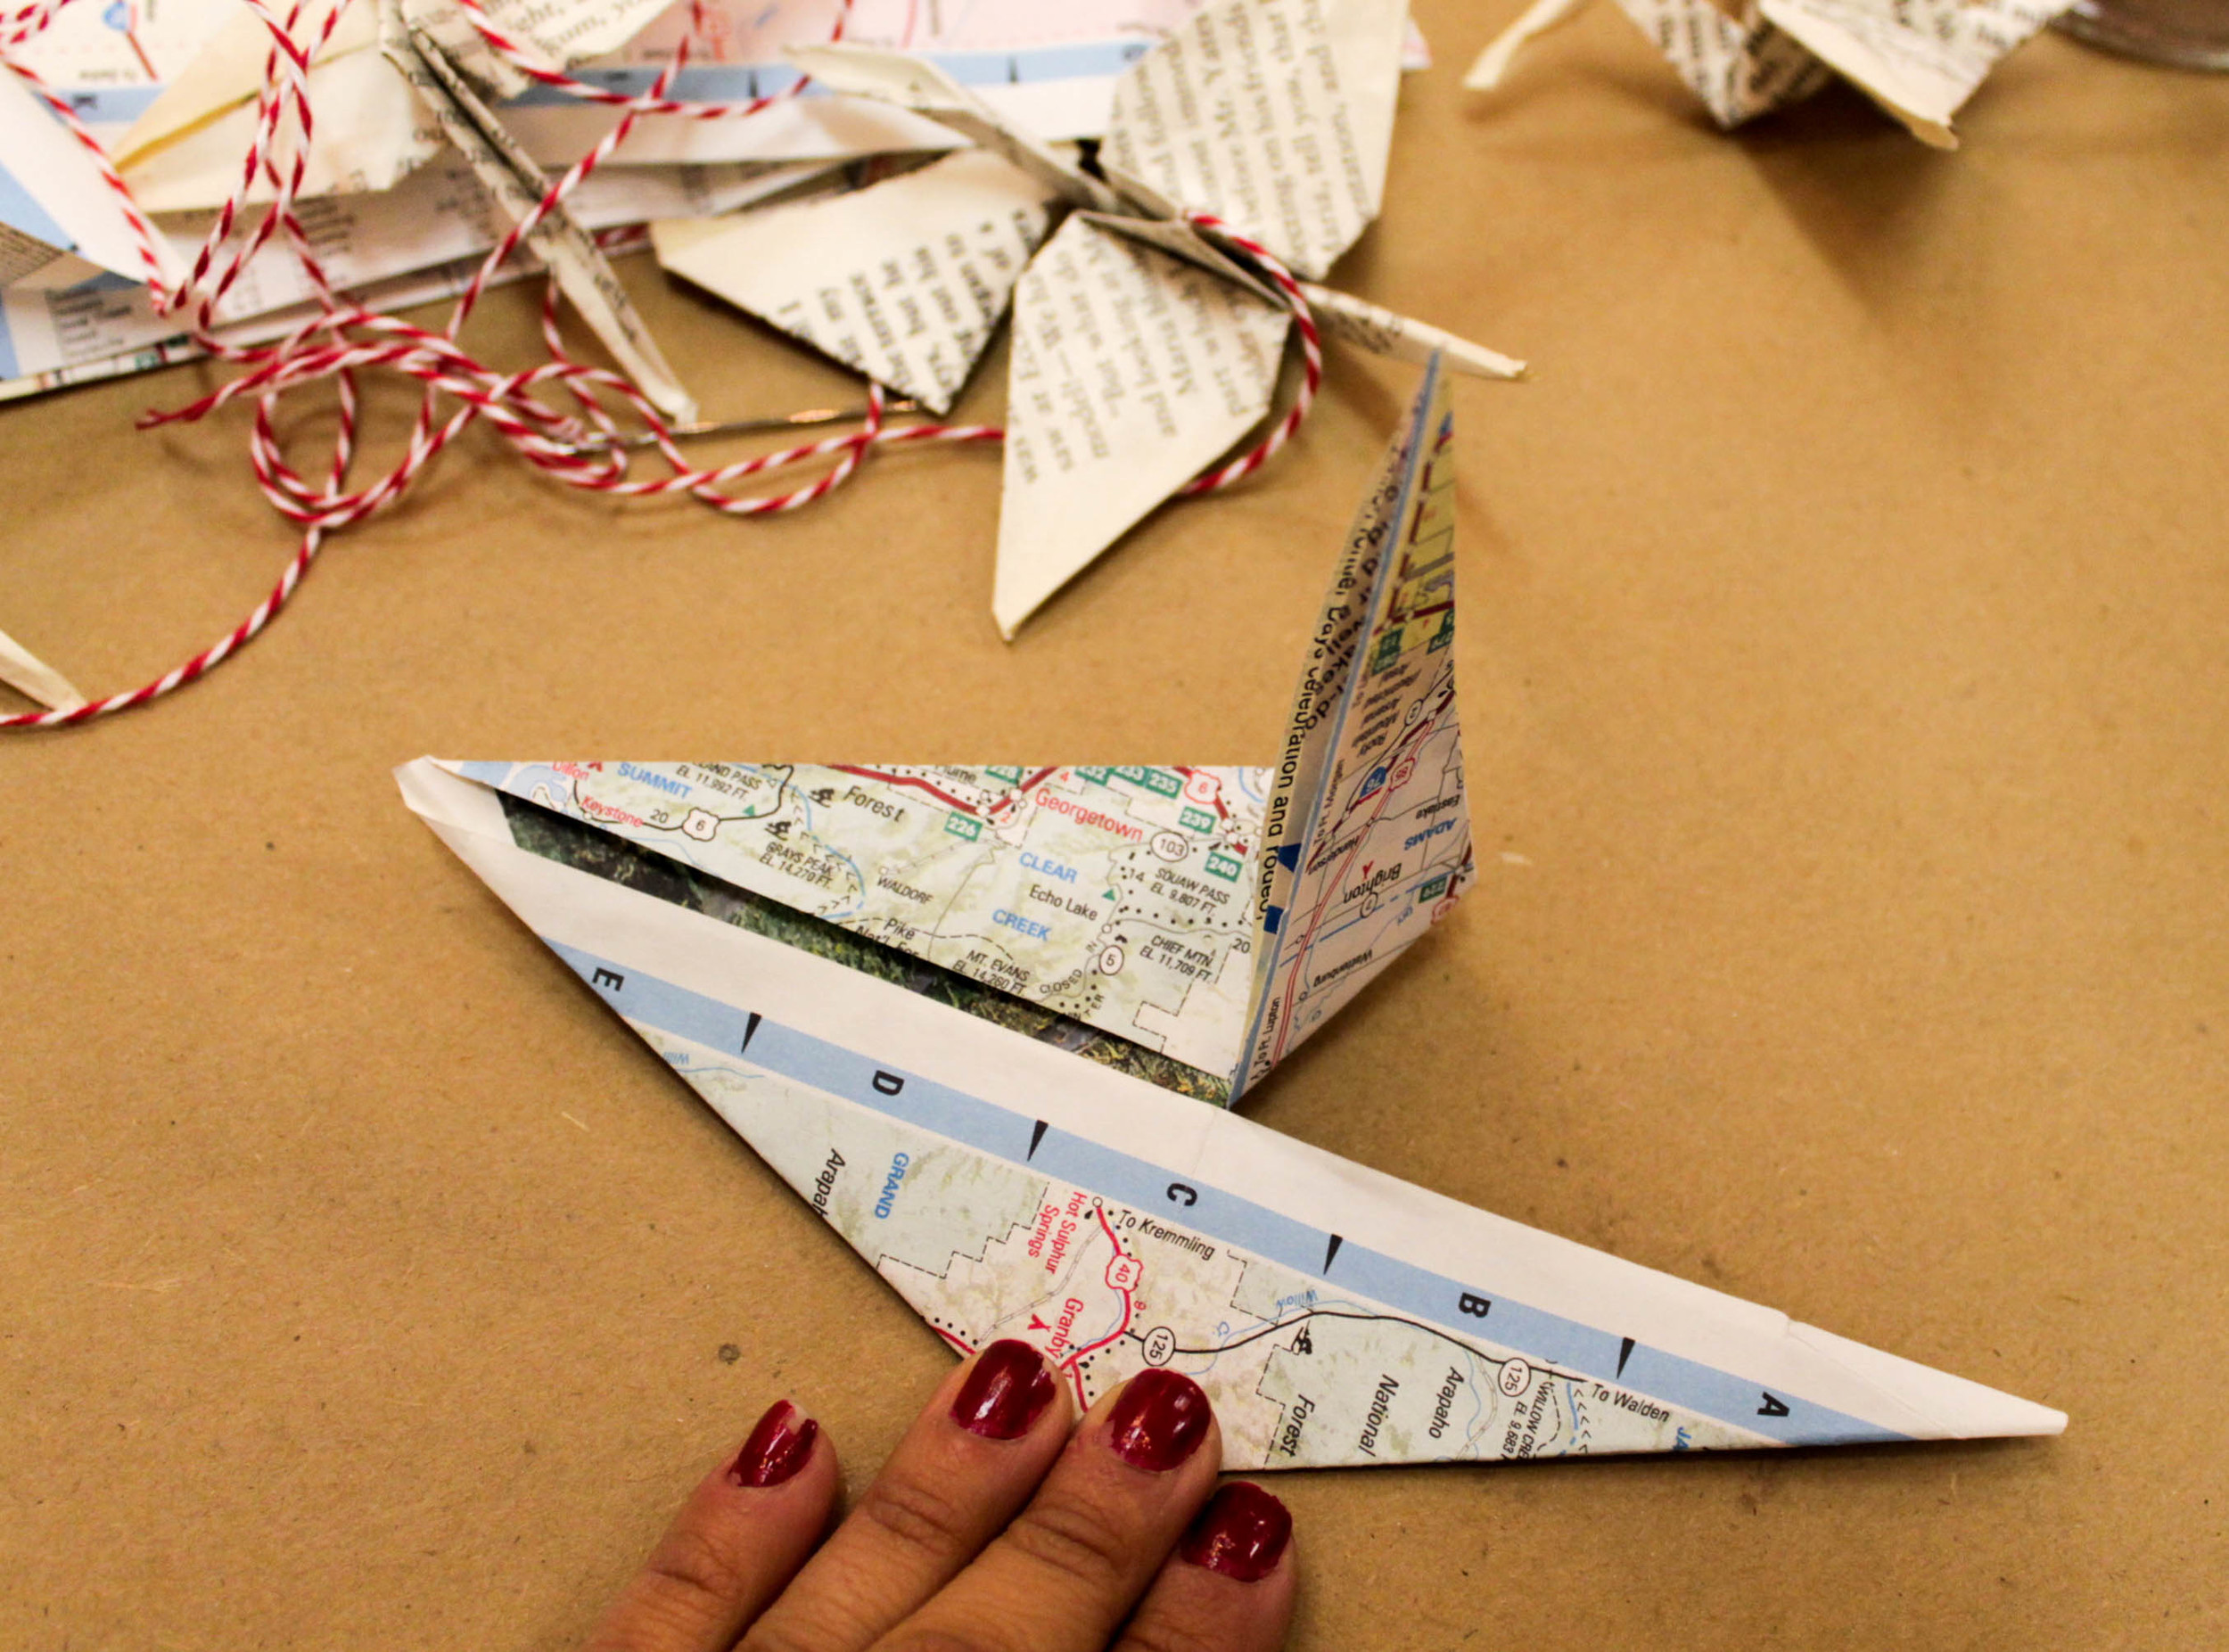 paper-cranes-etxe-16.jpg